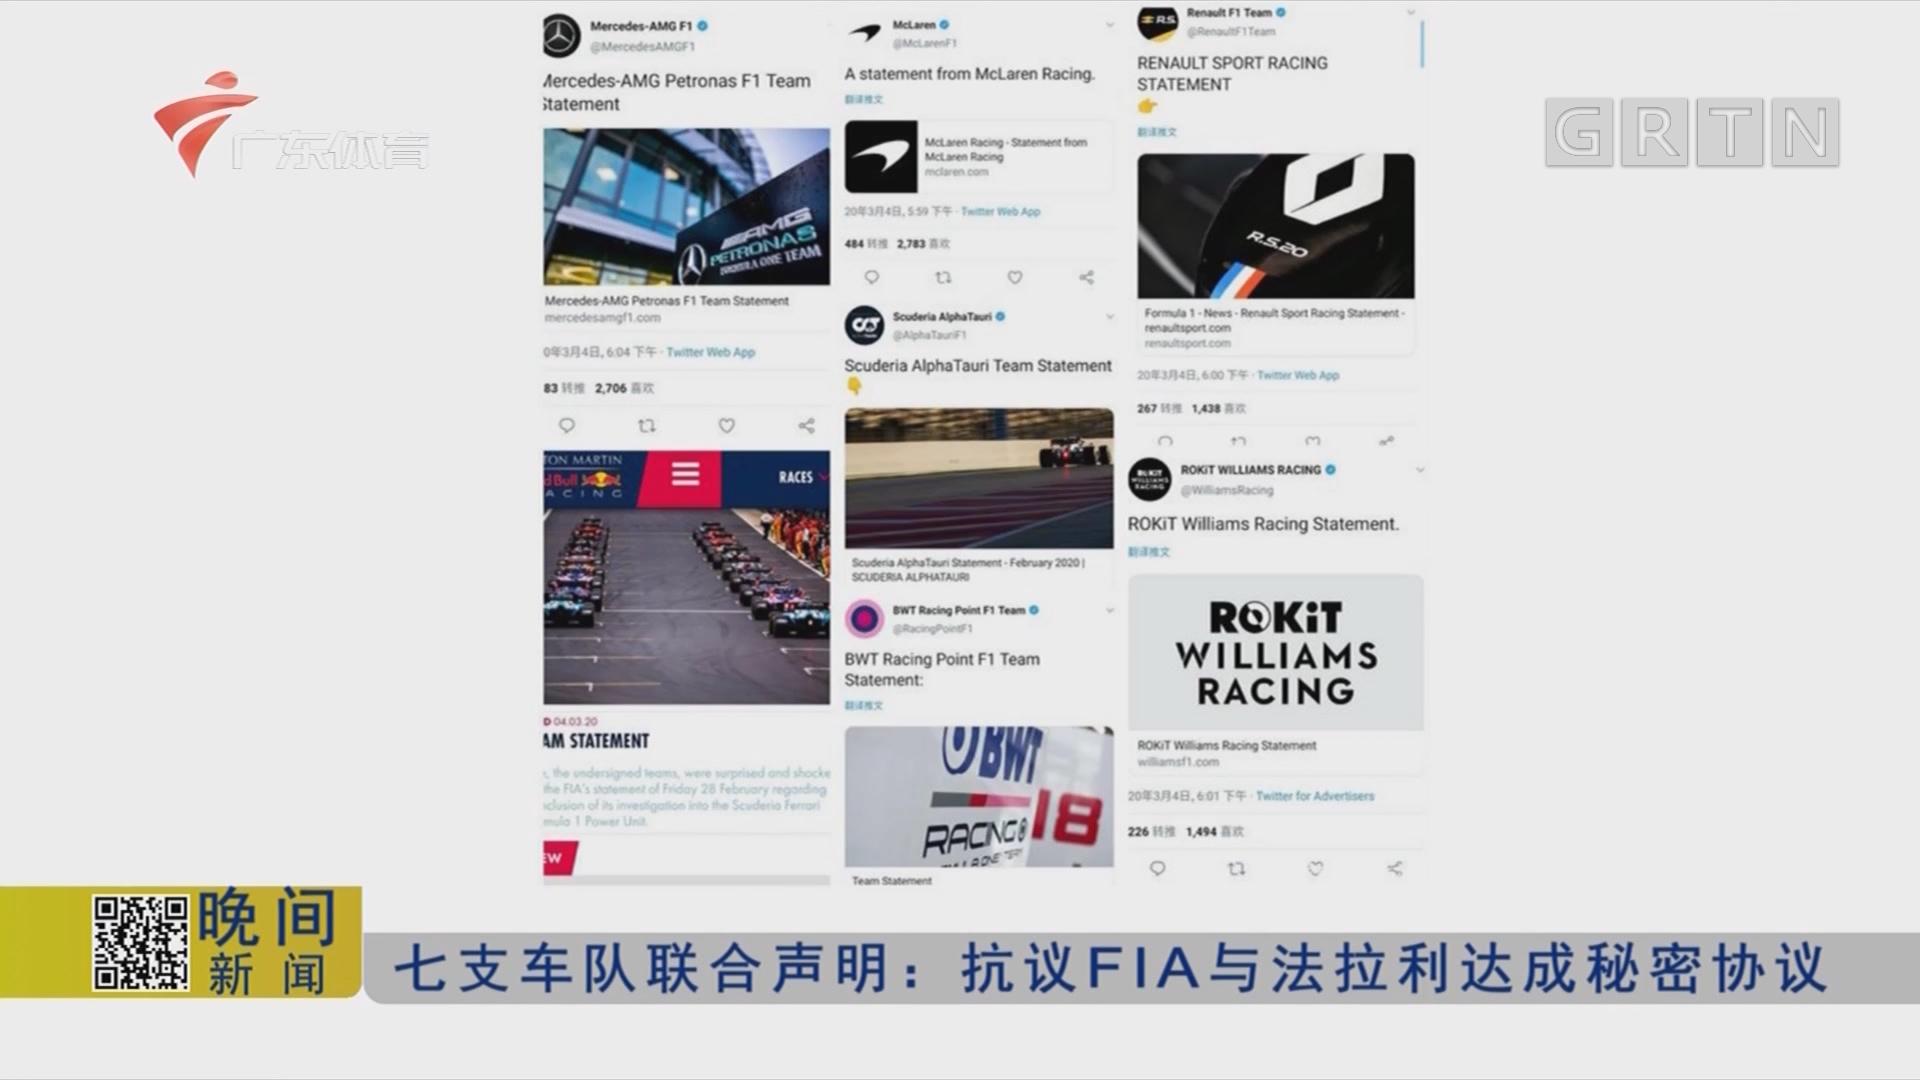 七支车队联合声明:抗议FIA与法拉利达成秘密协议